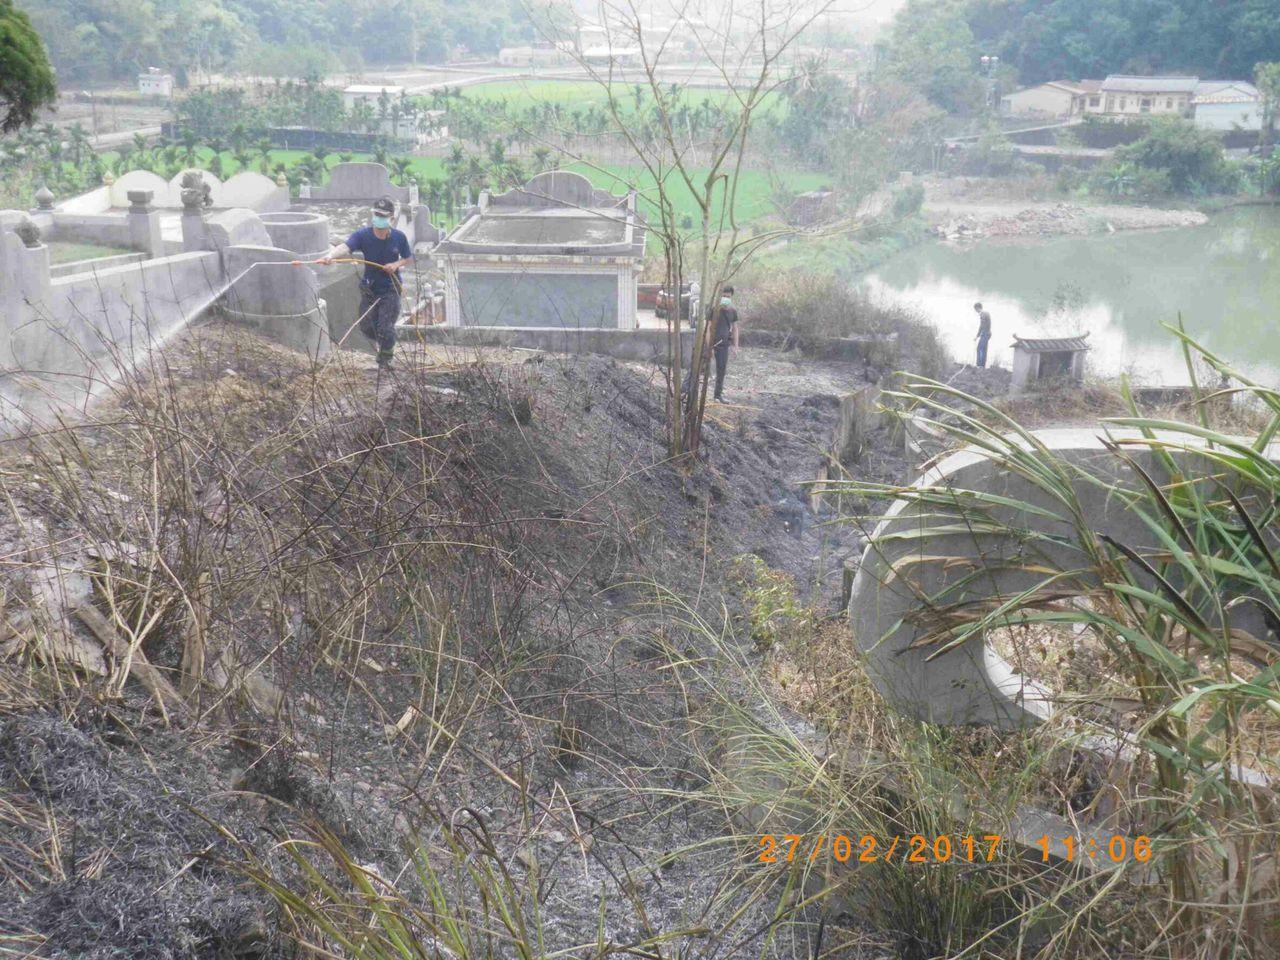 進入民間掃墓季節,因掃墓引起的火災層出不窮。記者徐白櫻/翻攝